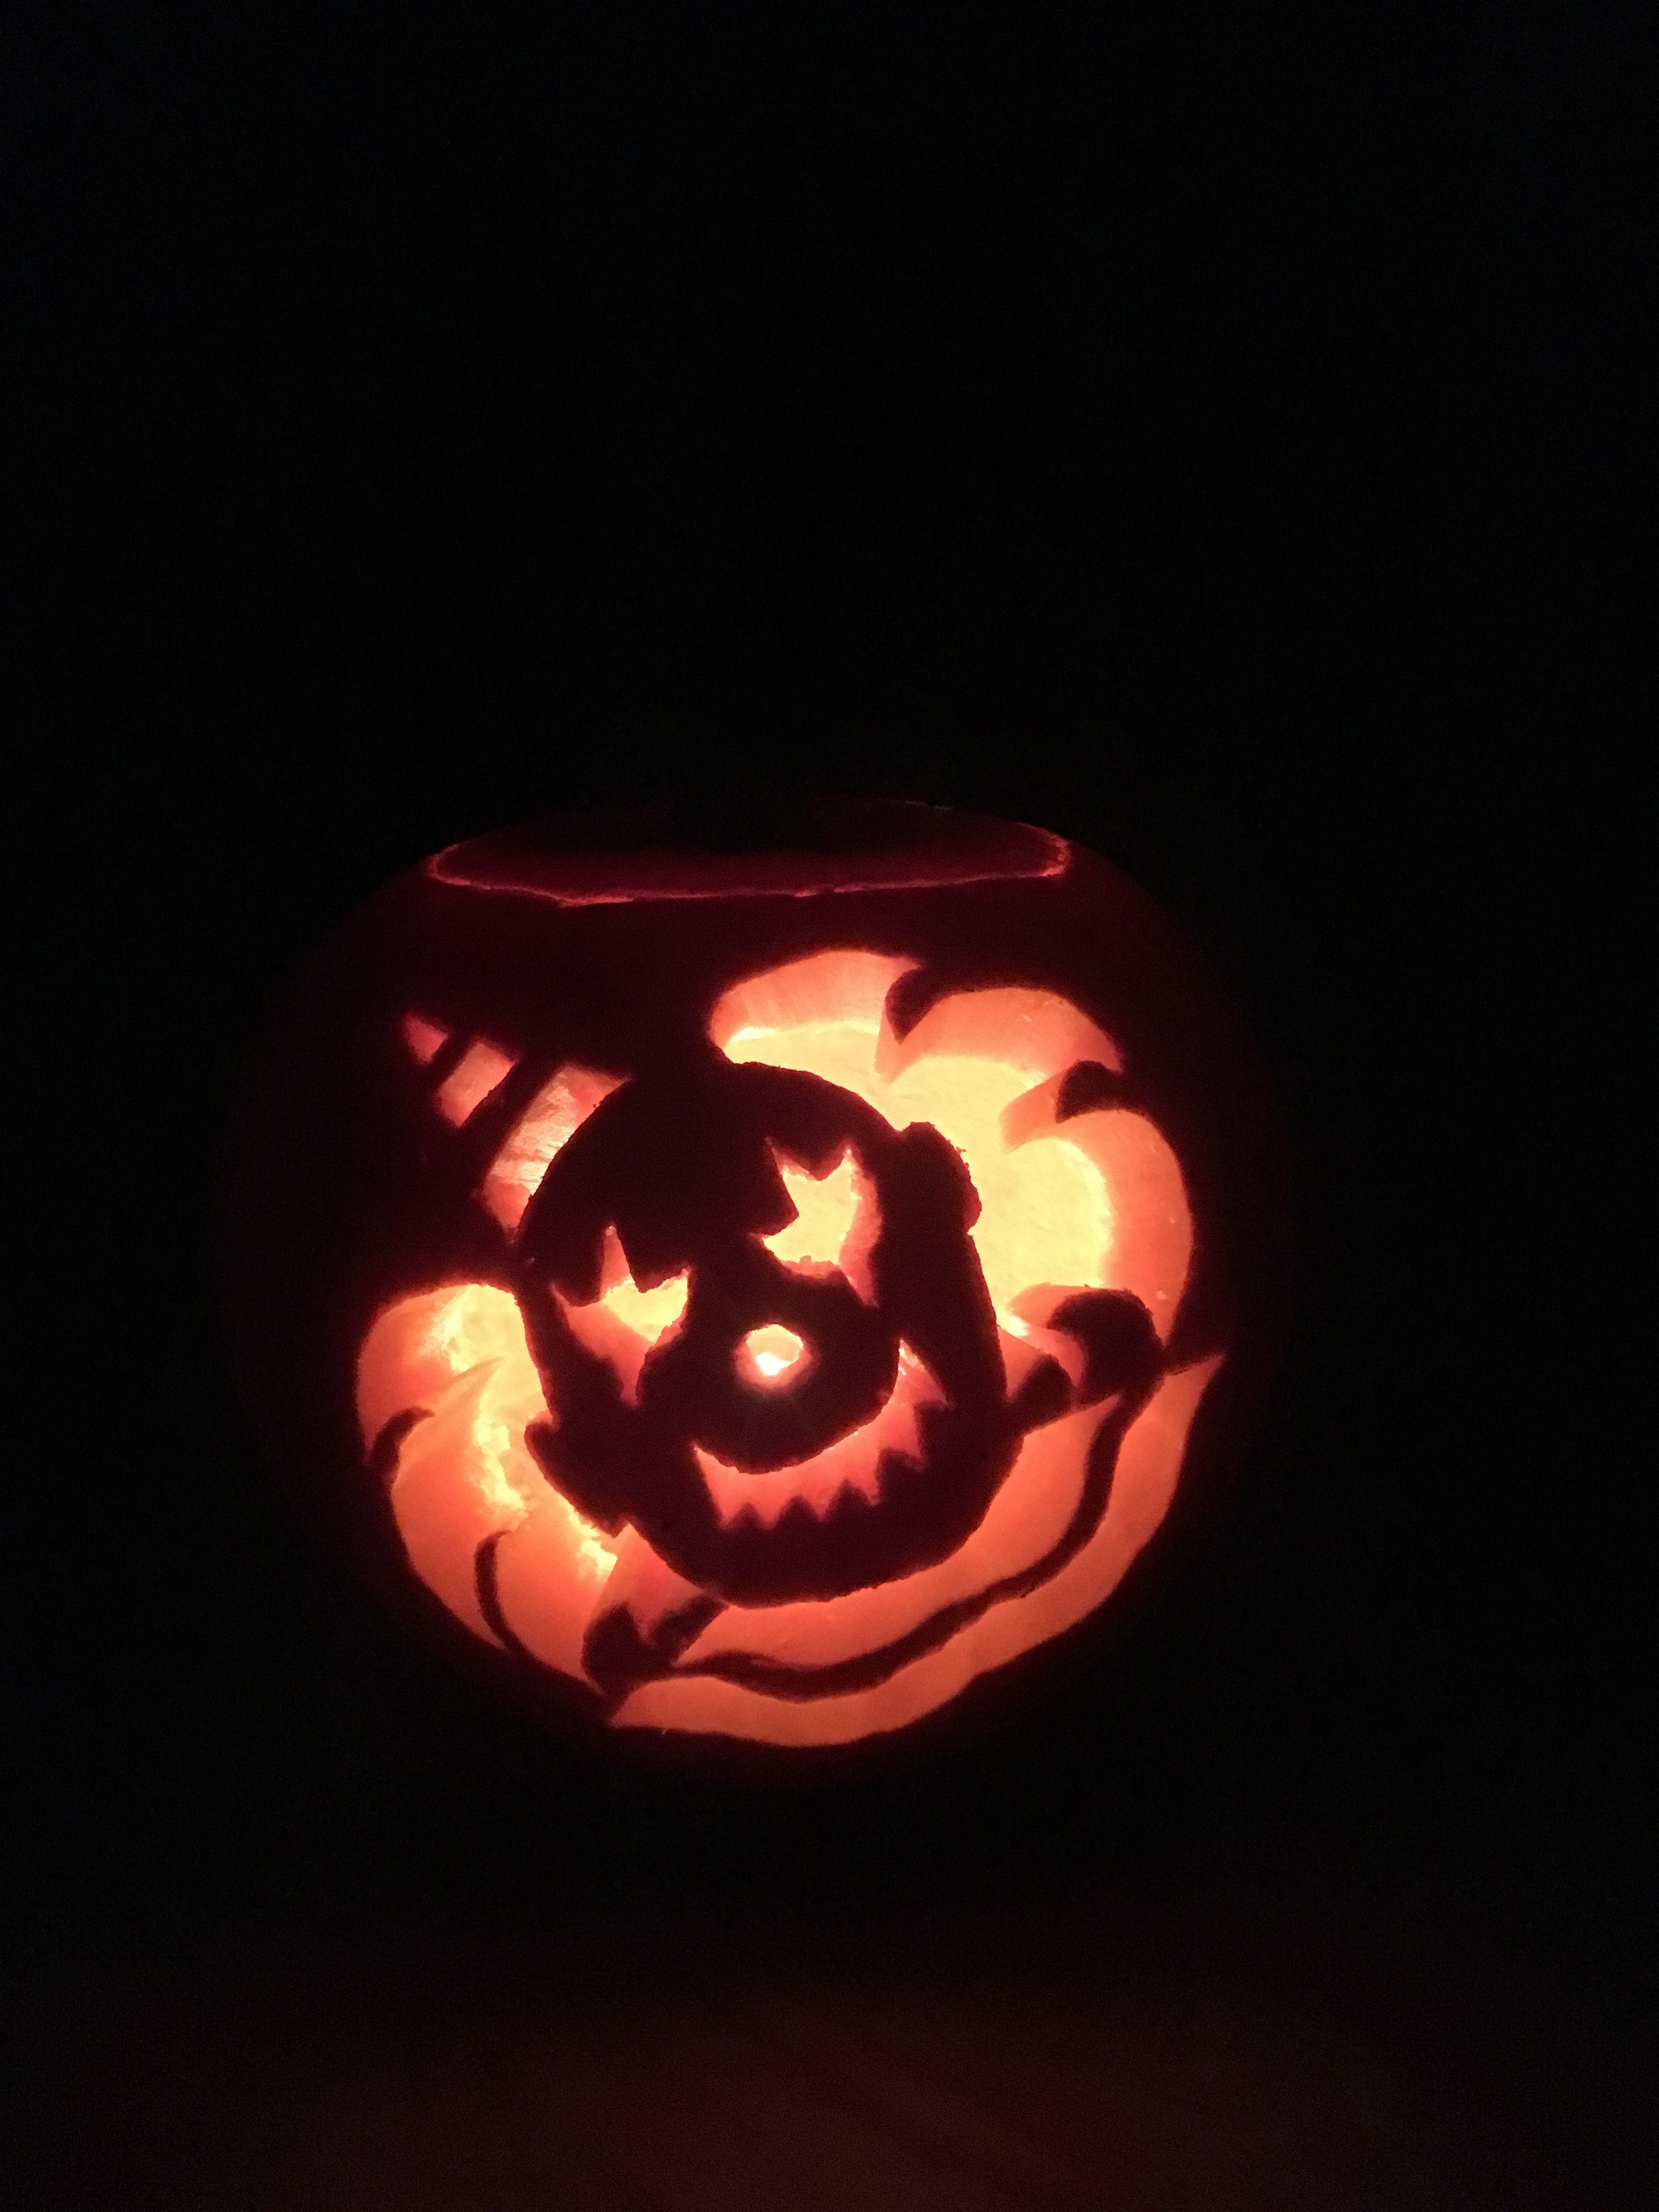 Clown Pumpkin Carving Patterns Custom Design